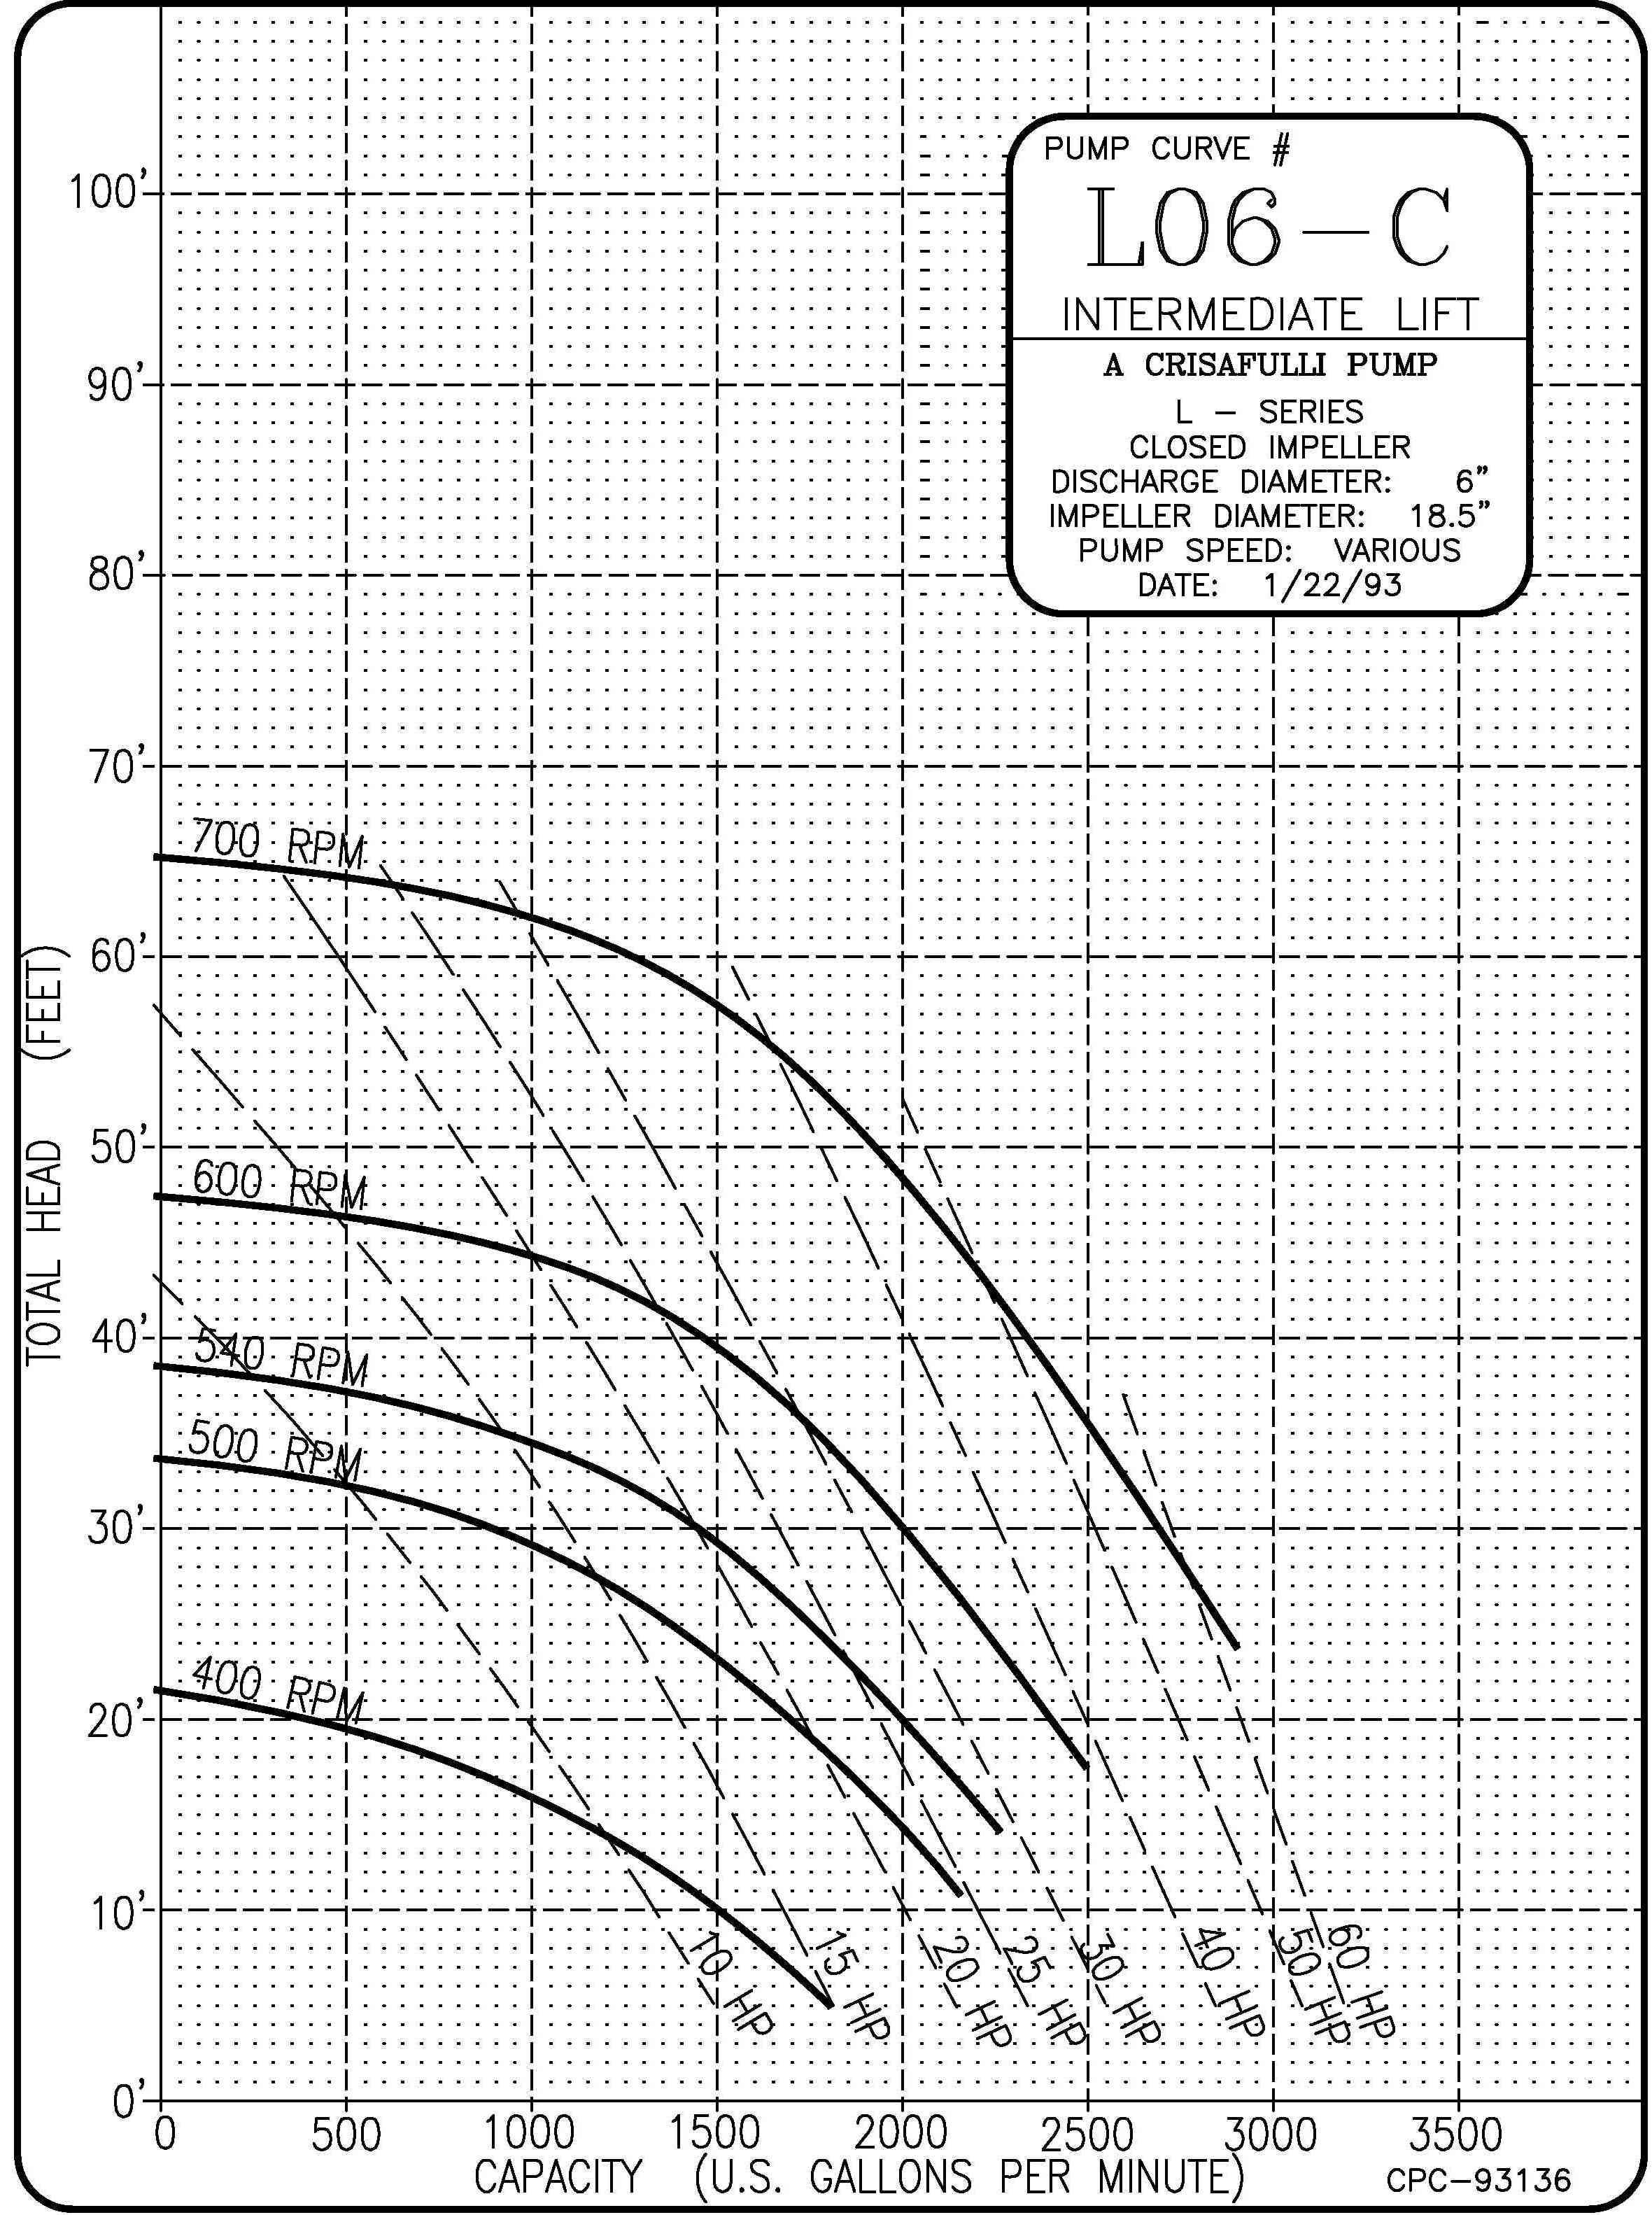 6in Intermediate Lift Curve